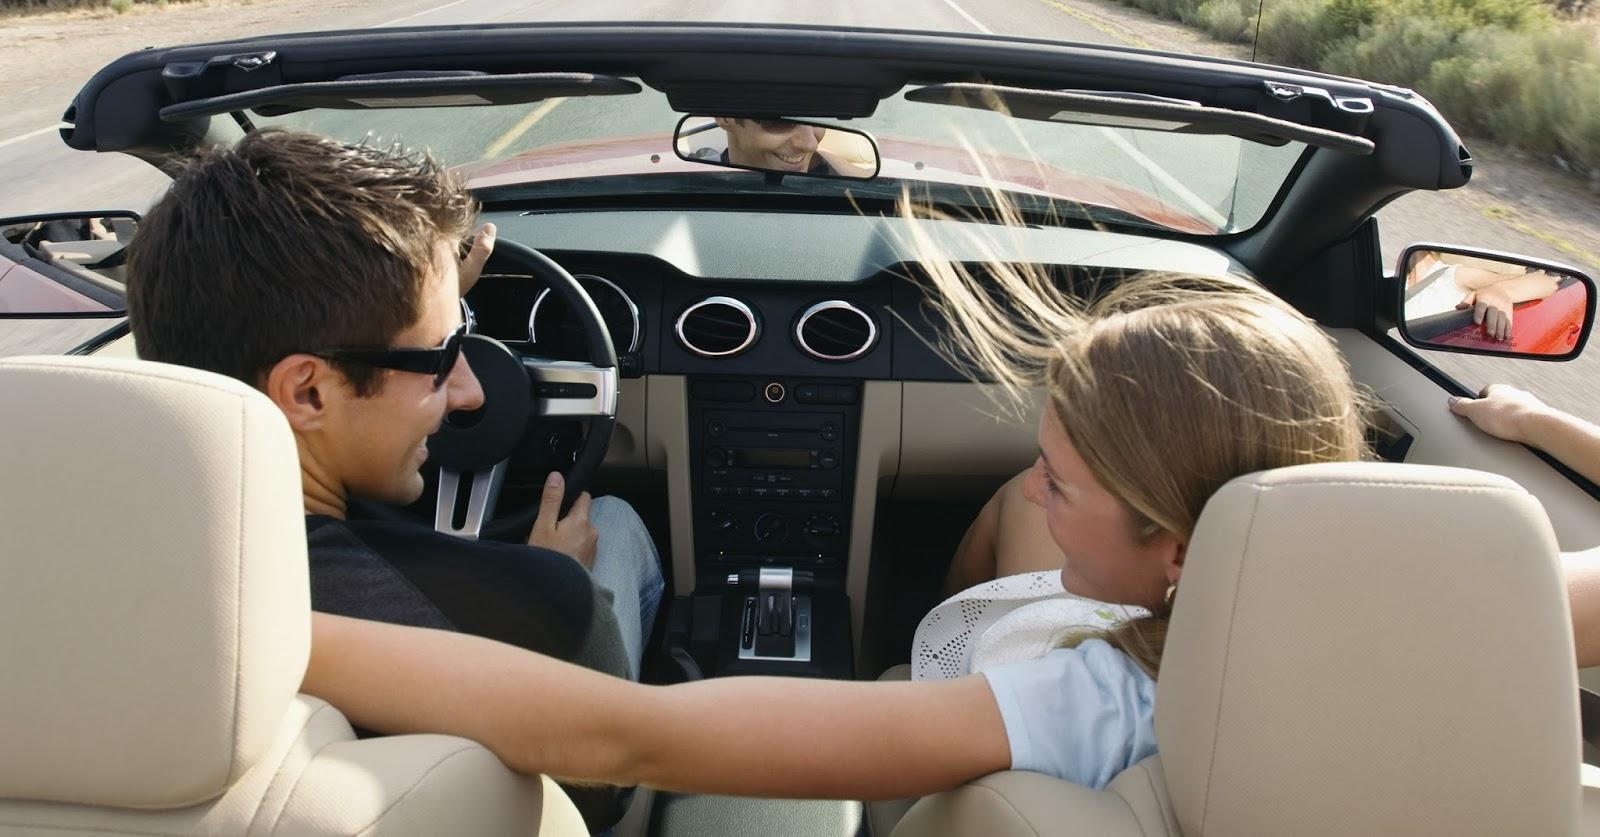 Смотреть клип где едет на машине мужик и девушки к нему подсажеваются в машину 23 фотография